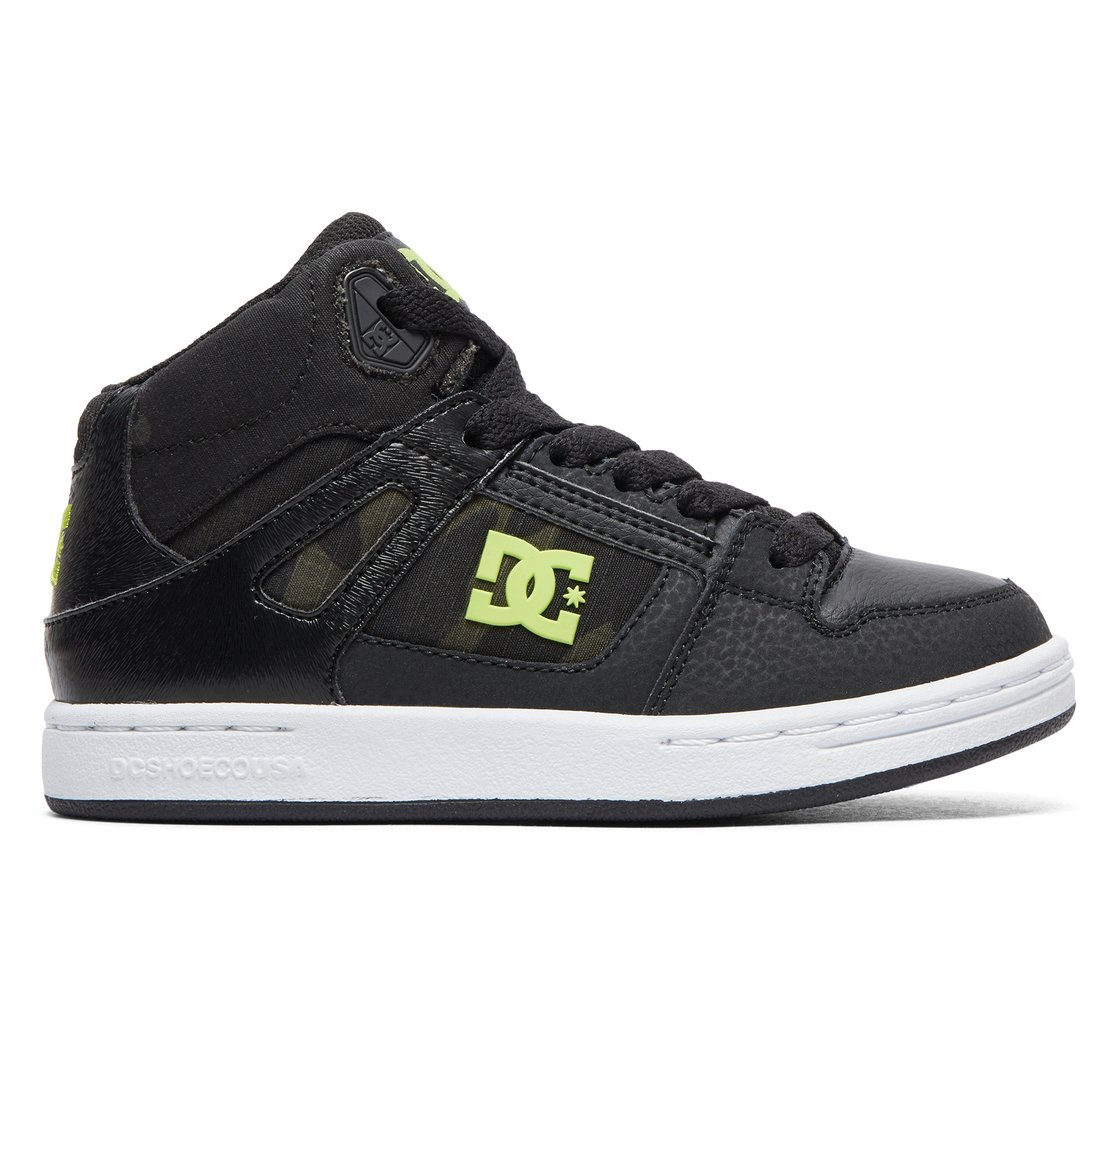 Pure SE - Chaussures montantes - Noir - DC Shoes hP3Fpm